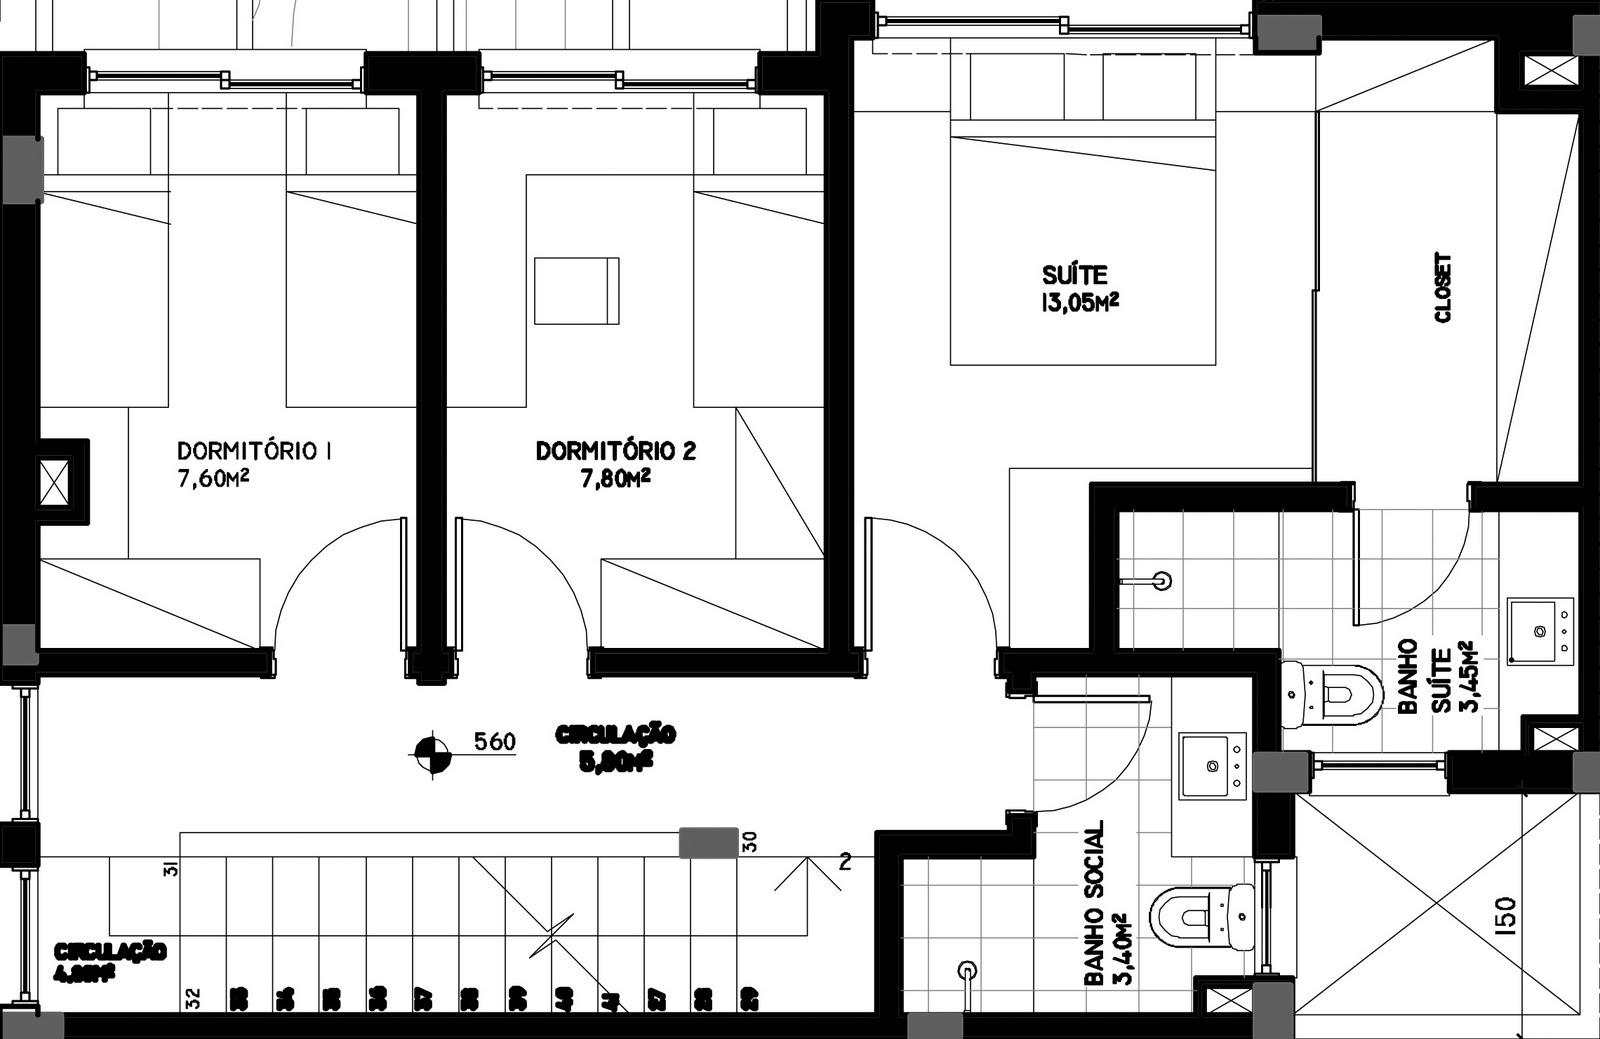 um banheiro social. Ambos os banheiros possuem ventilação natural #666666 1600 1039